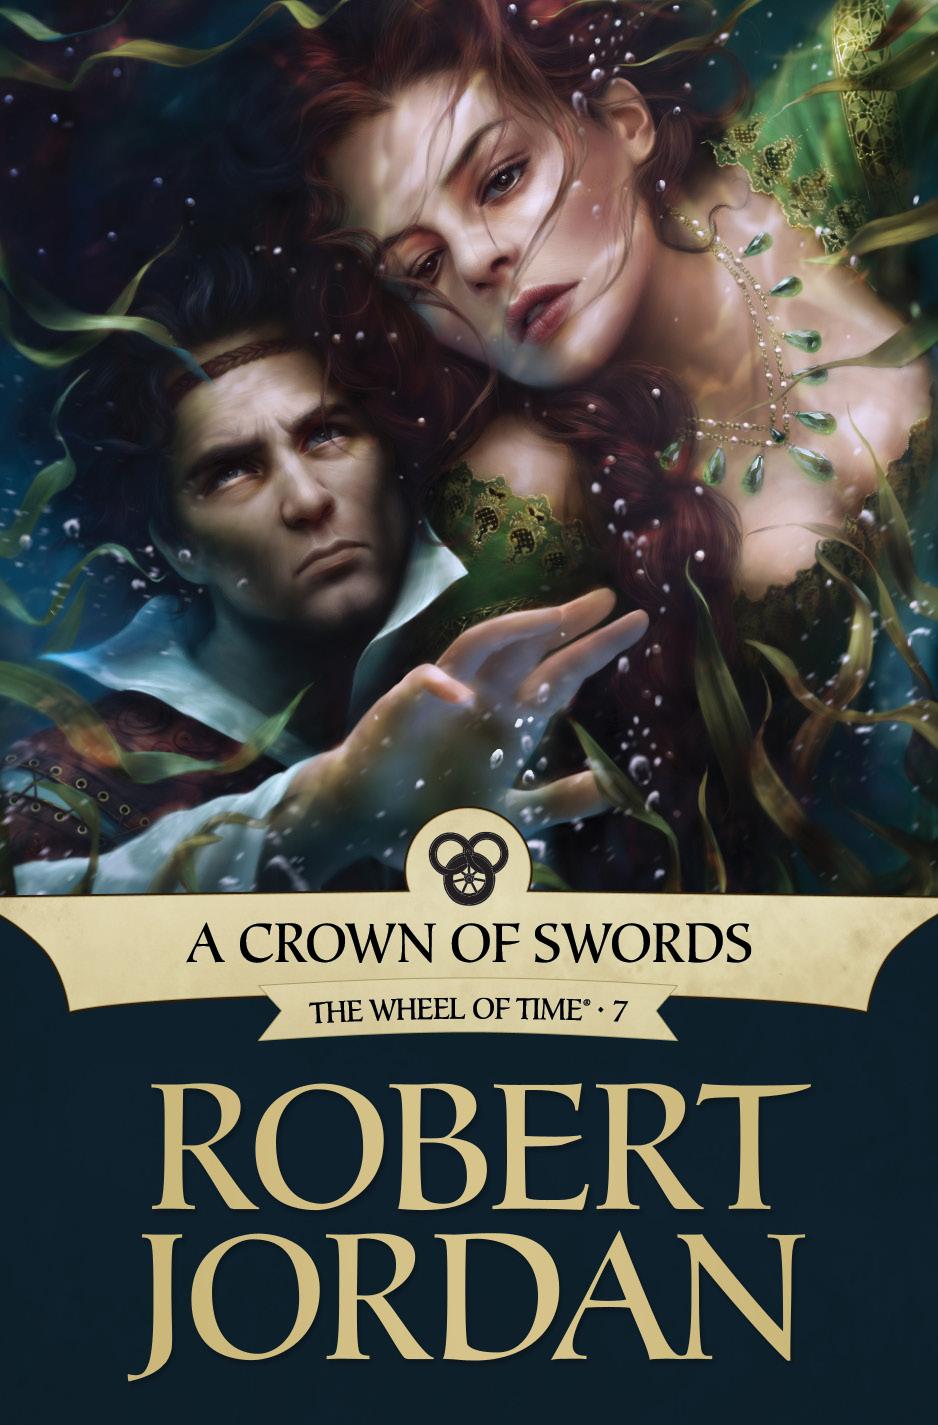 A Crown of Swords av Robert Jordan (Pocket) - Fantasyhyllan